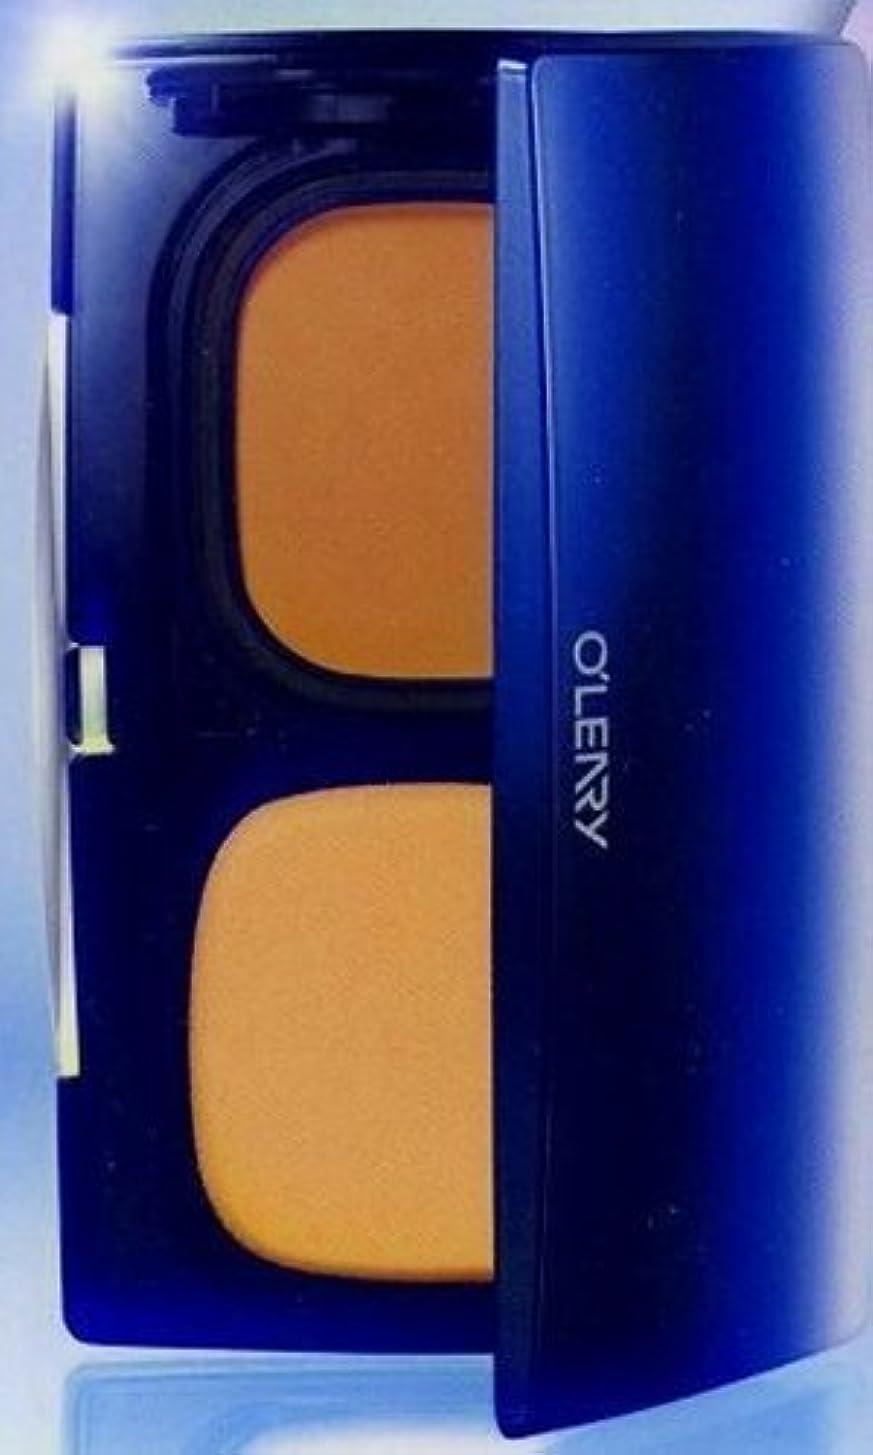 防衛アパル提出するオリリー スーペリア カバー EX (ファンデーション)リフィル (BO20)